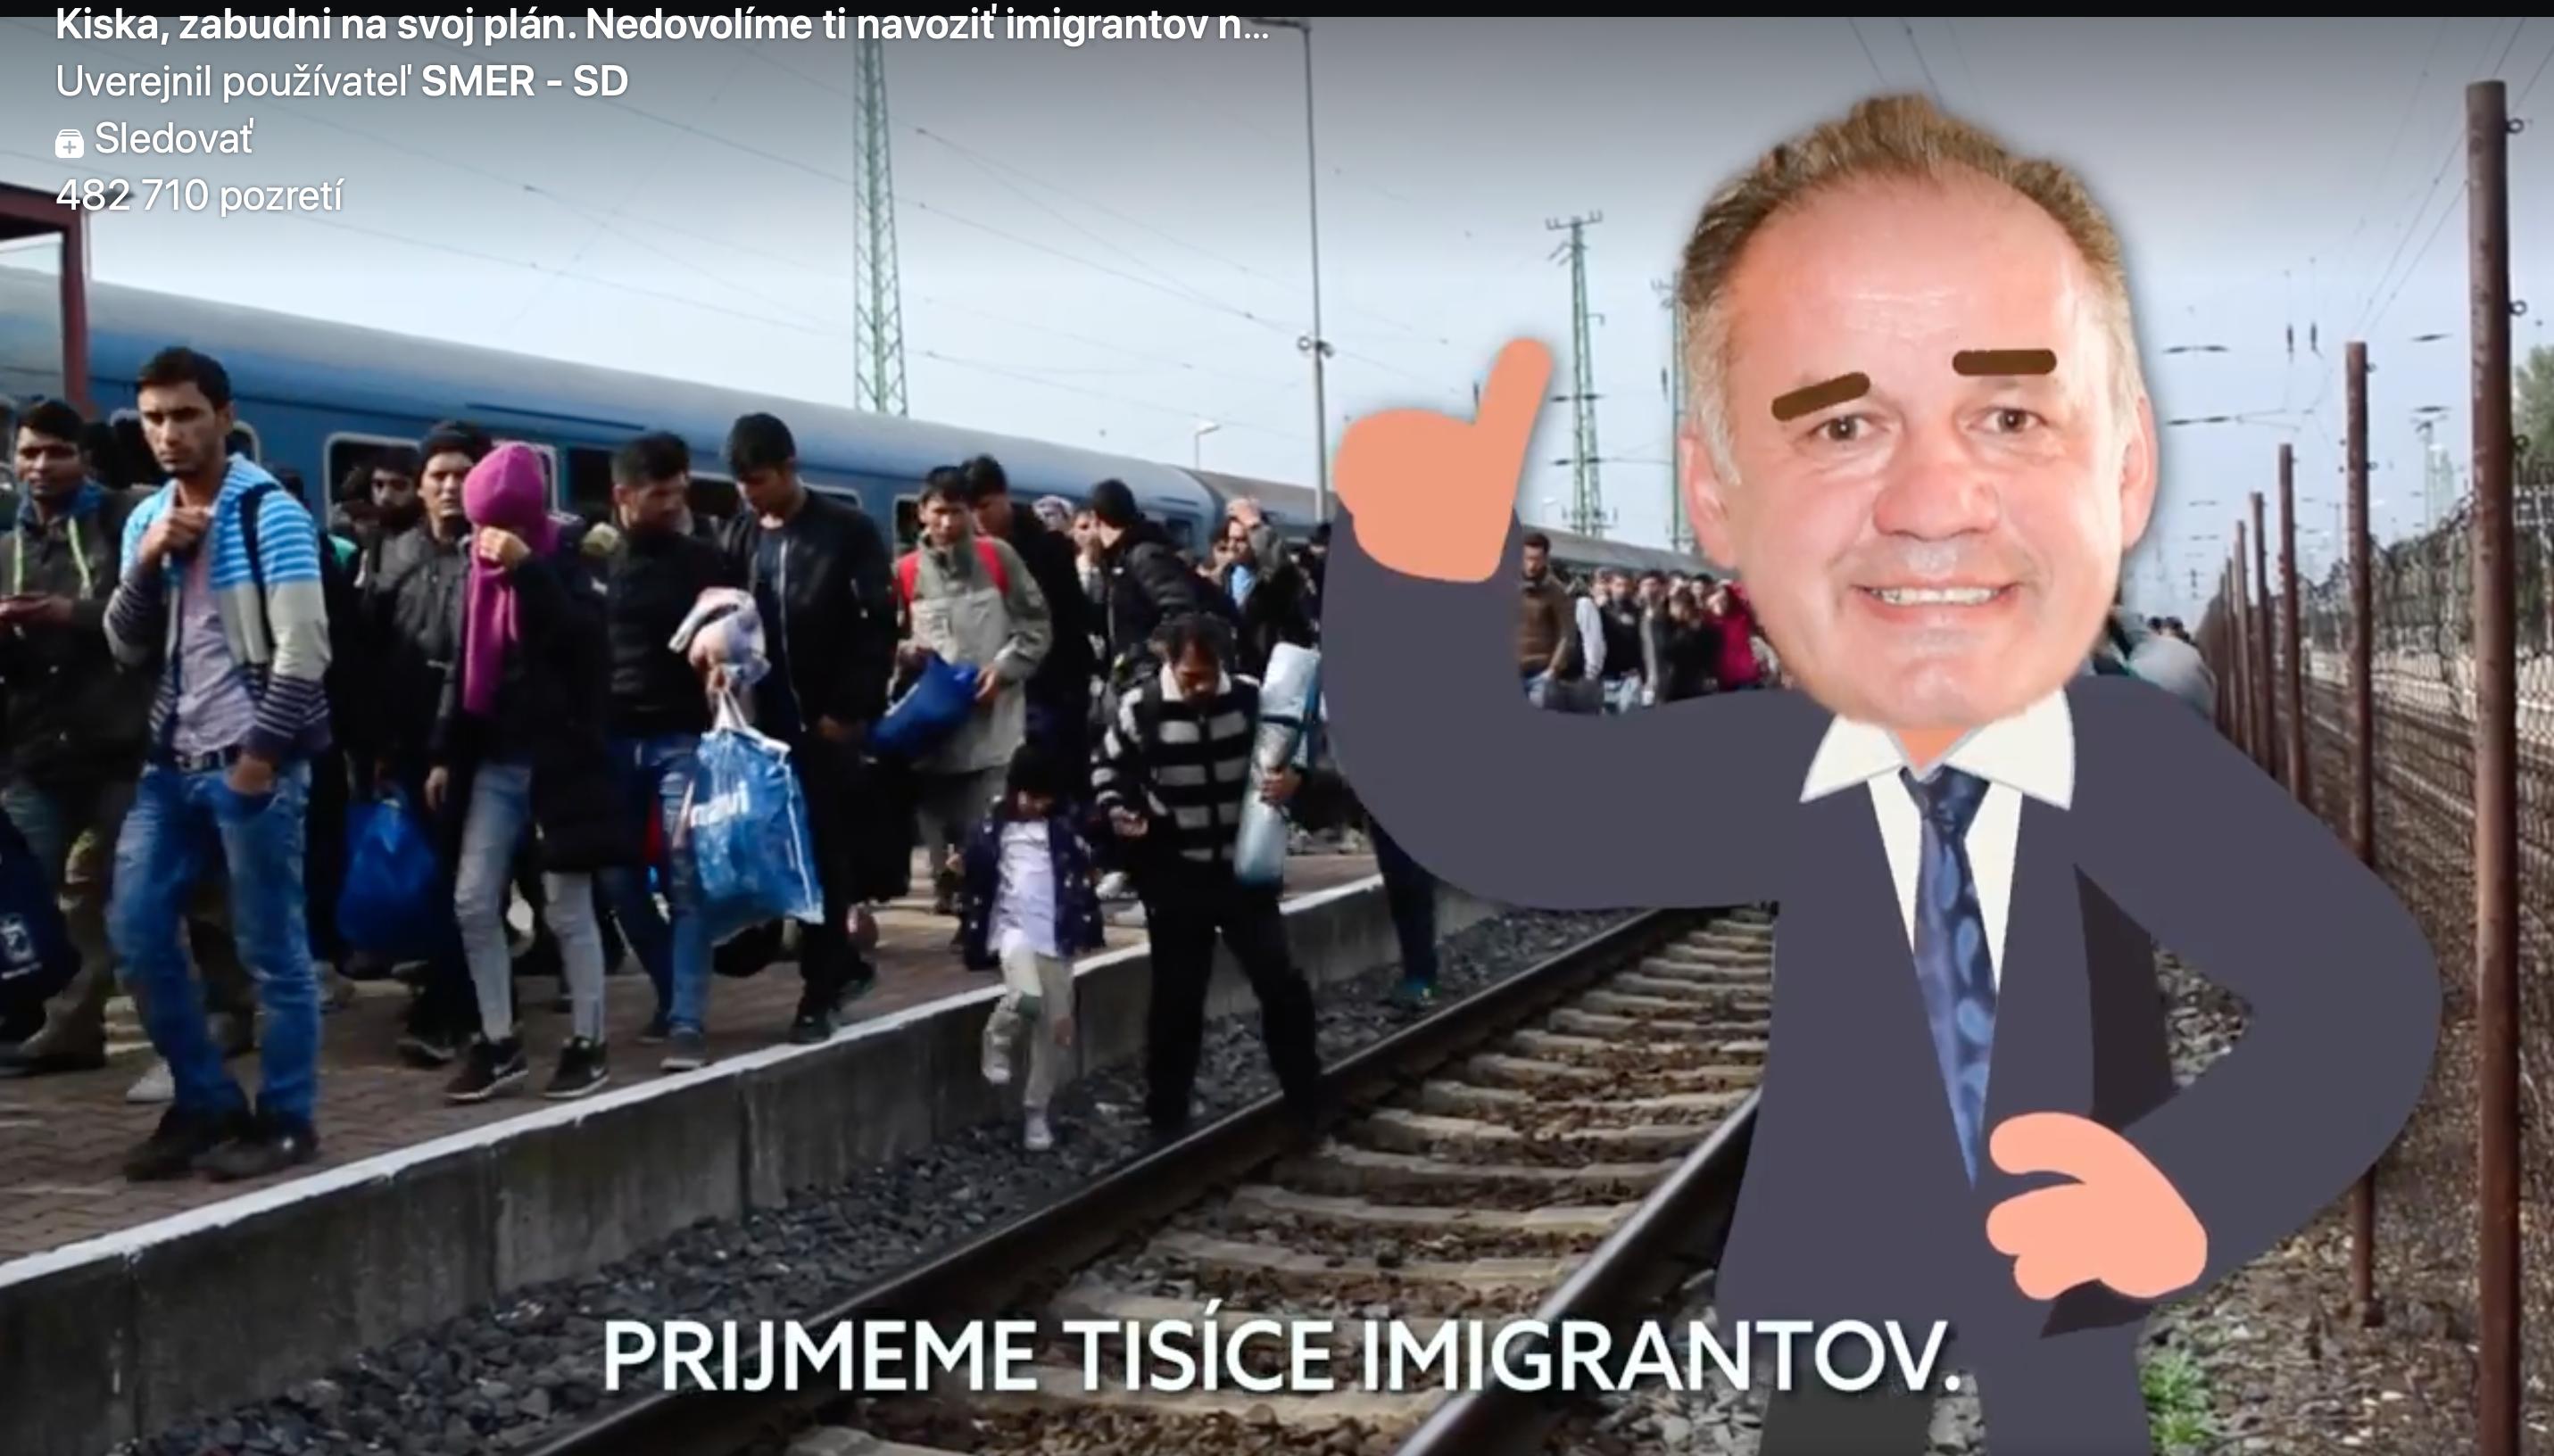 Smer straší migrantmi. Kiska vraj chce na Slovensko priviesť tisíce imigrantov